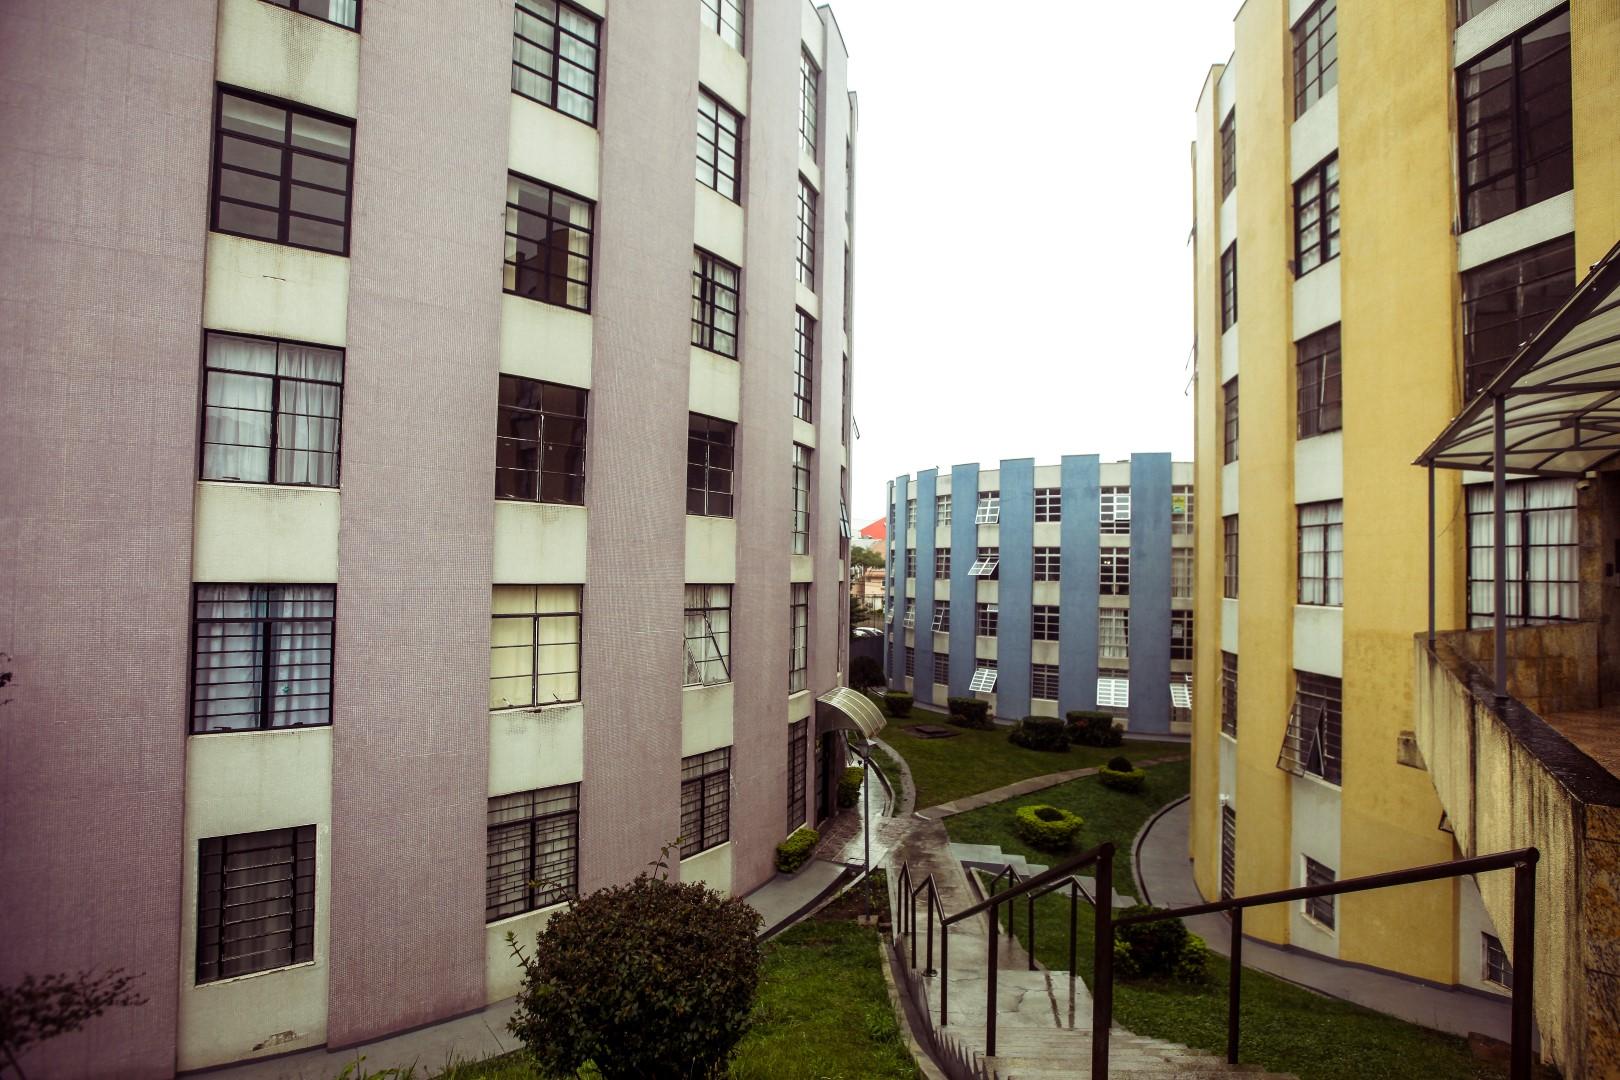 Cores e formato do condomínio chamam atenção de quem passa nas imediações. Foto: André Rodrigues / Gazeta do Povo